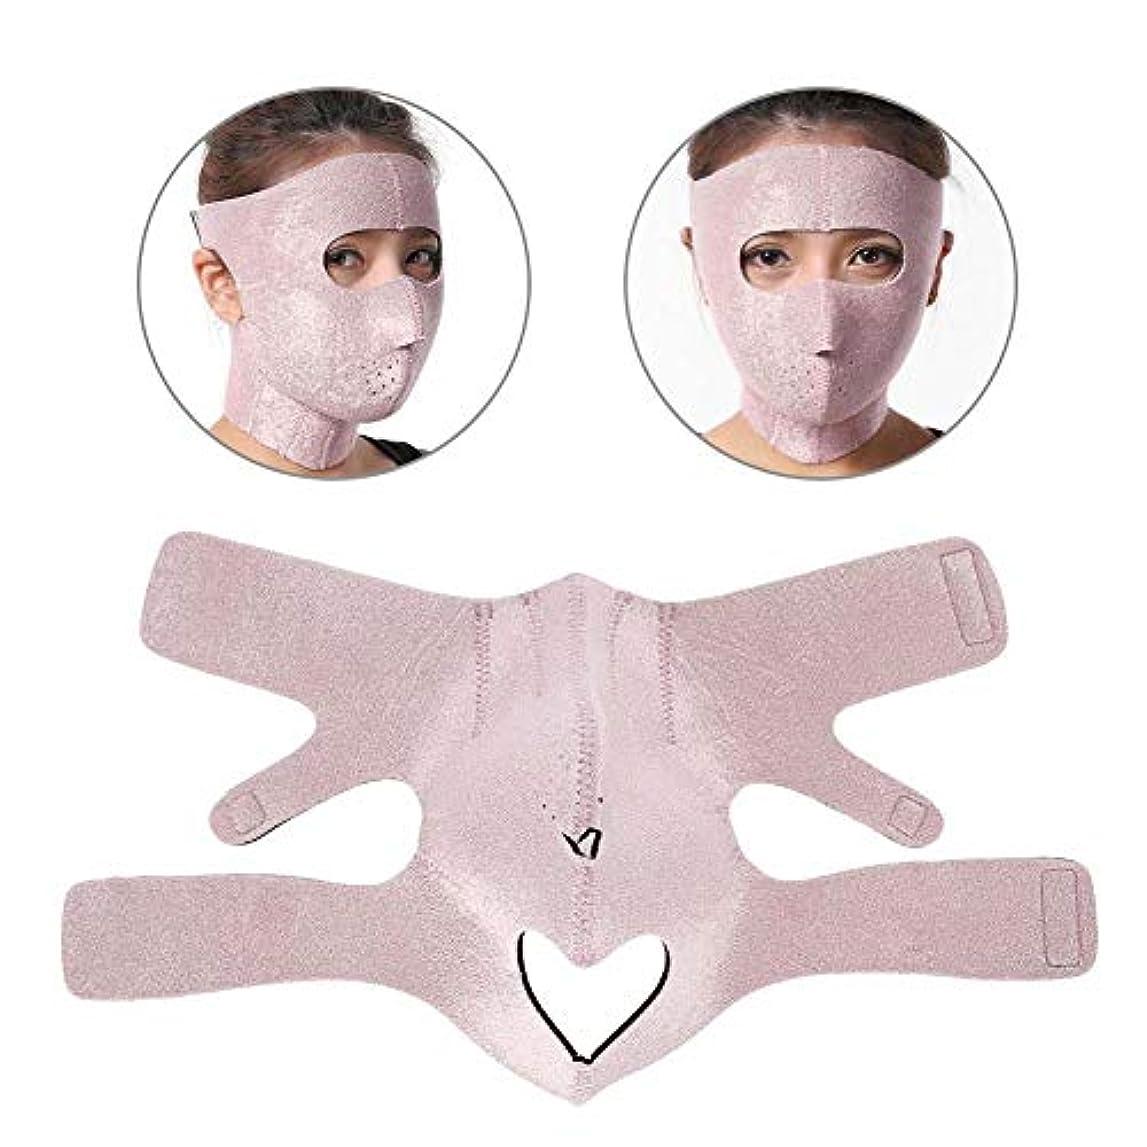 除去歪める効能顔の輪郭を改善する 美容包帯 フェイスリフト用フェイスマスク 通気性/伸縮性/変形不可